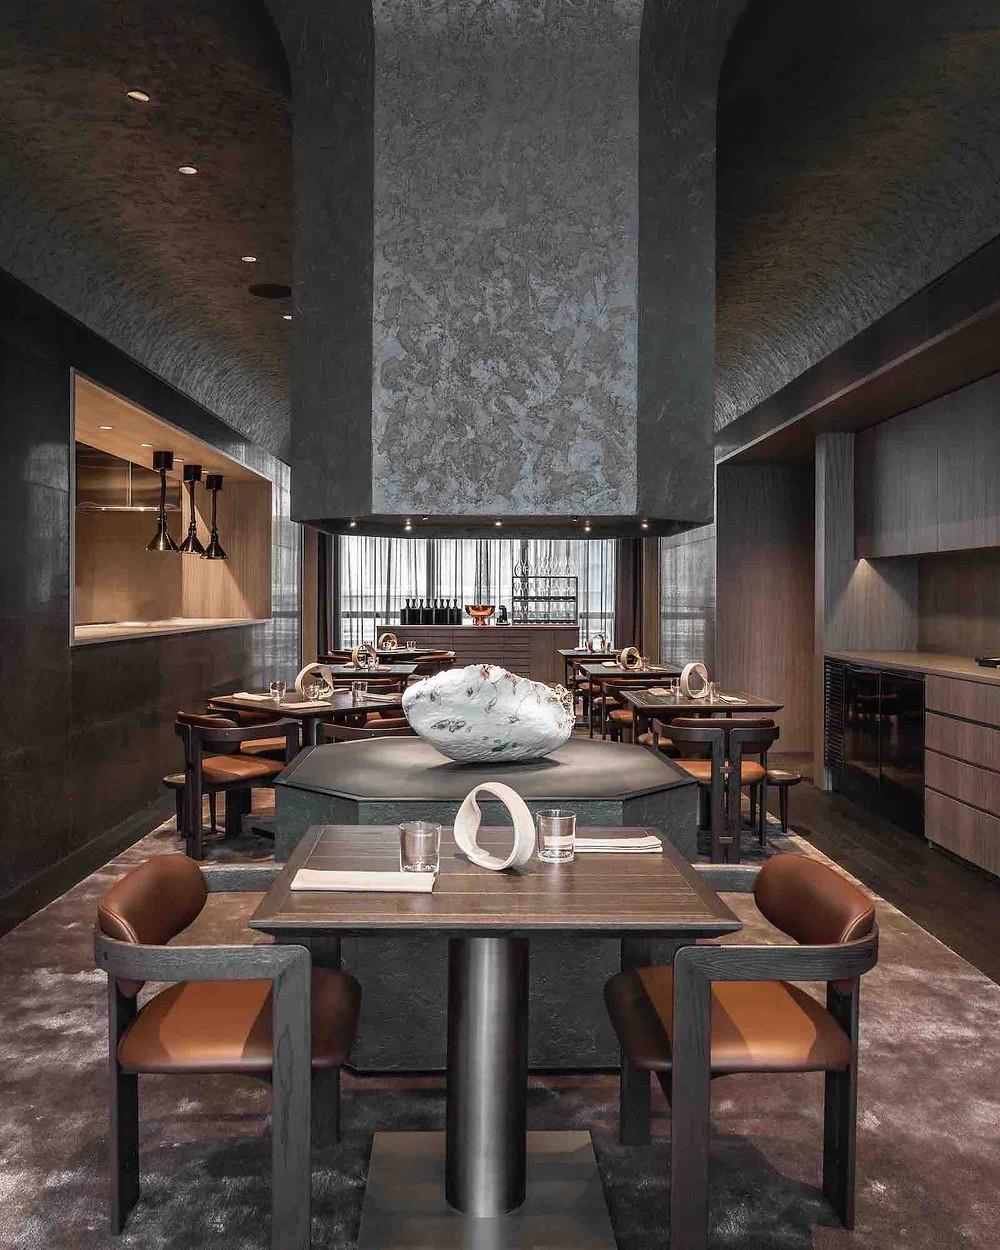 Ando restaurant Hong Kong